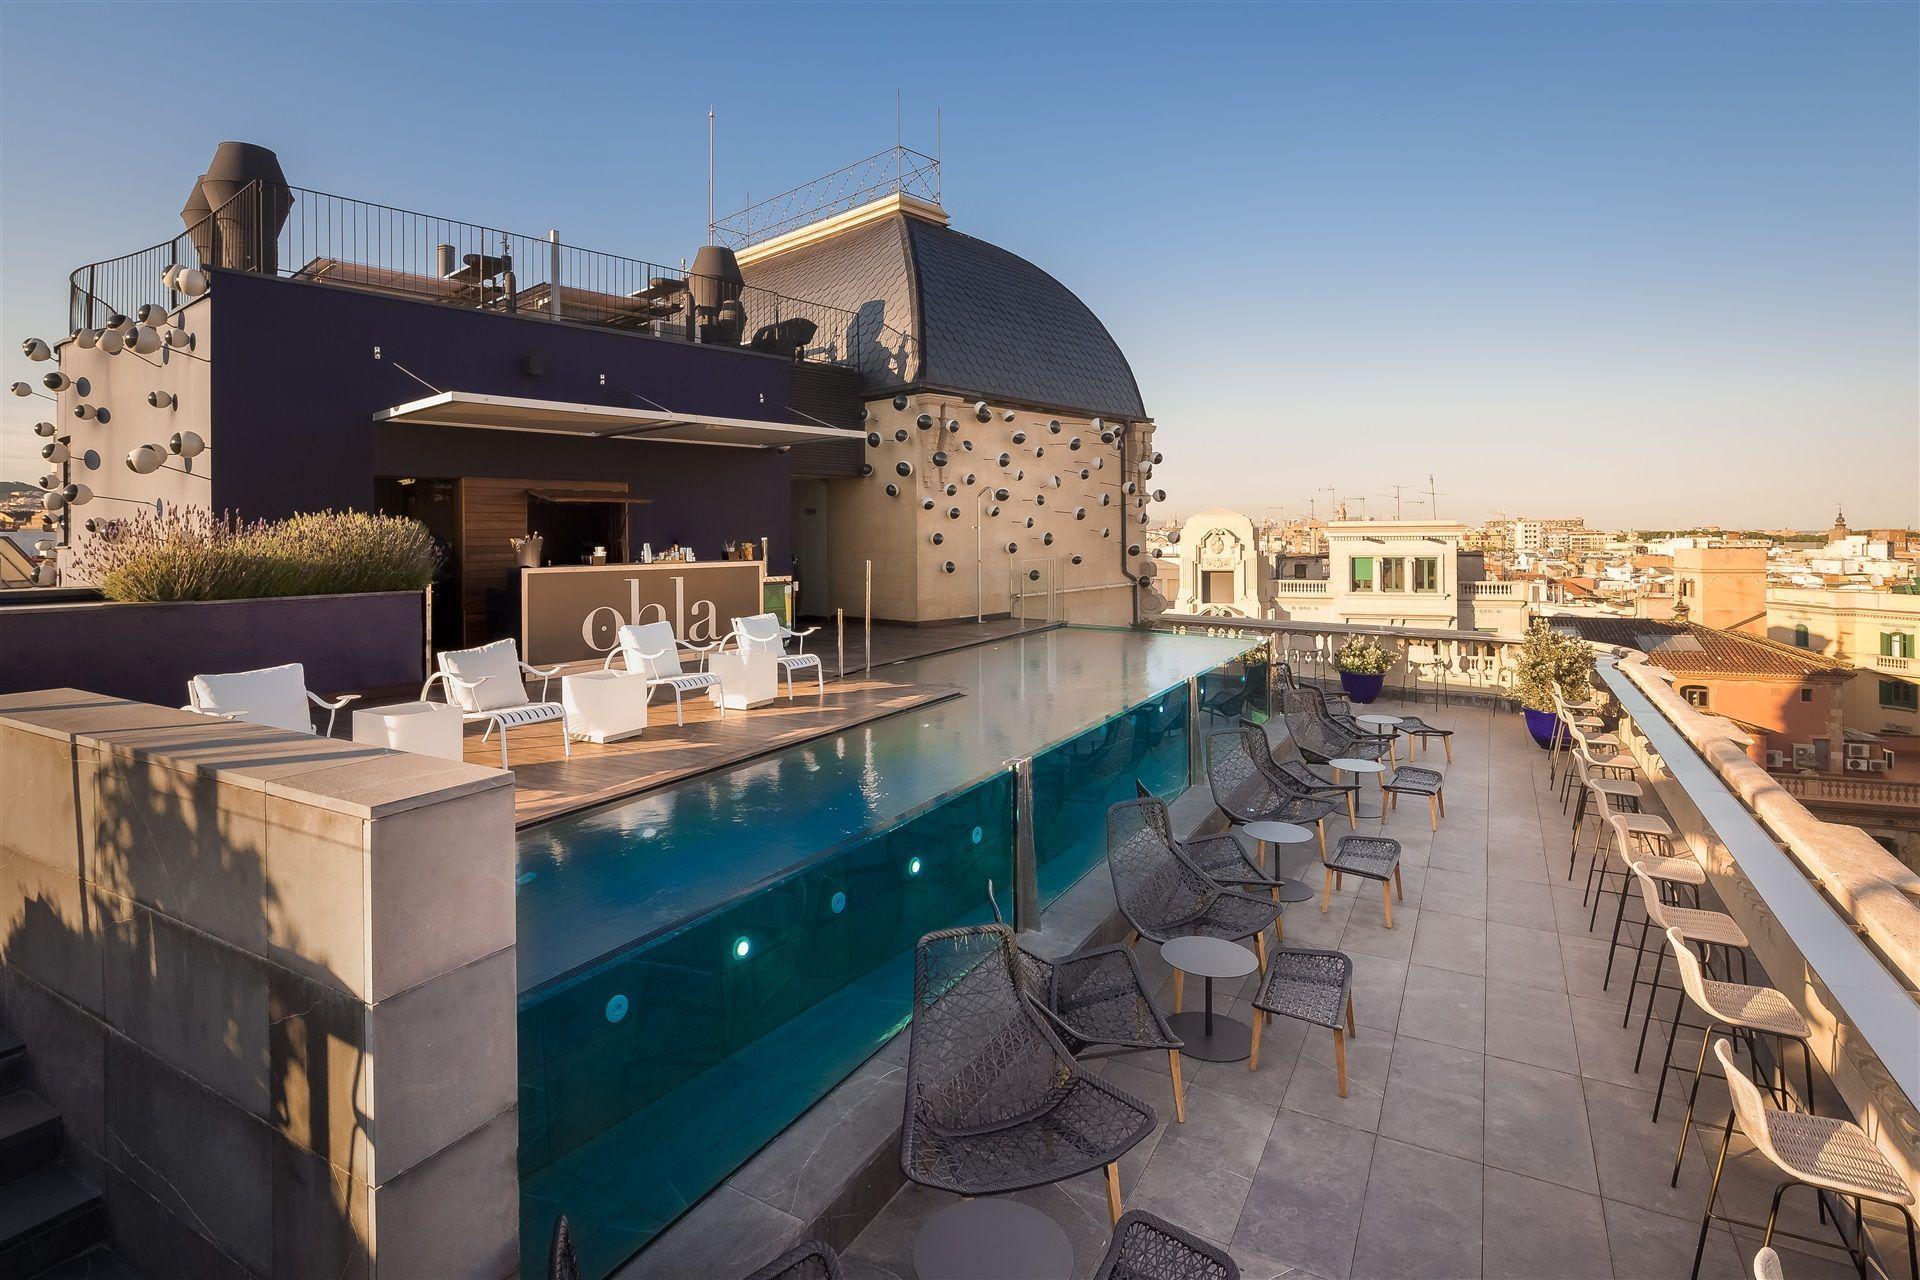 Las mejores terrazas de hotel en barcelona 2018 terrazeo for Ohla hotel barcelona